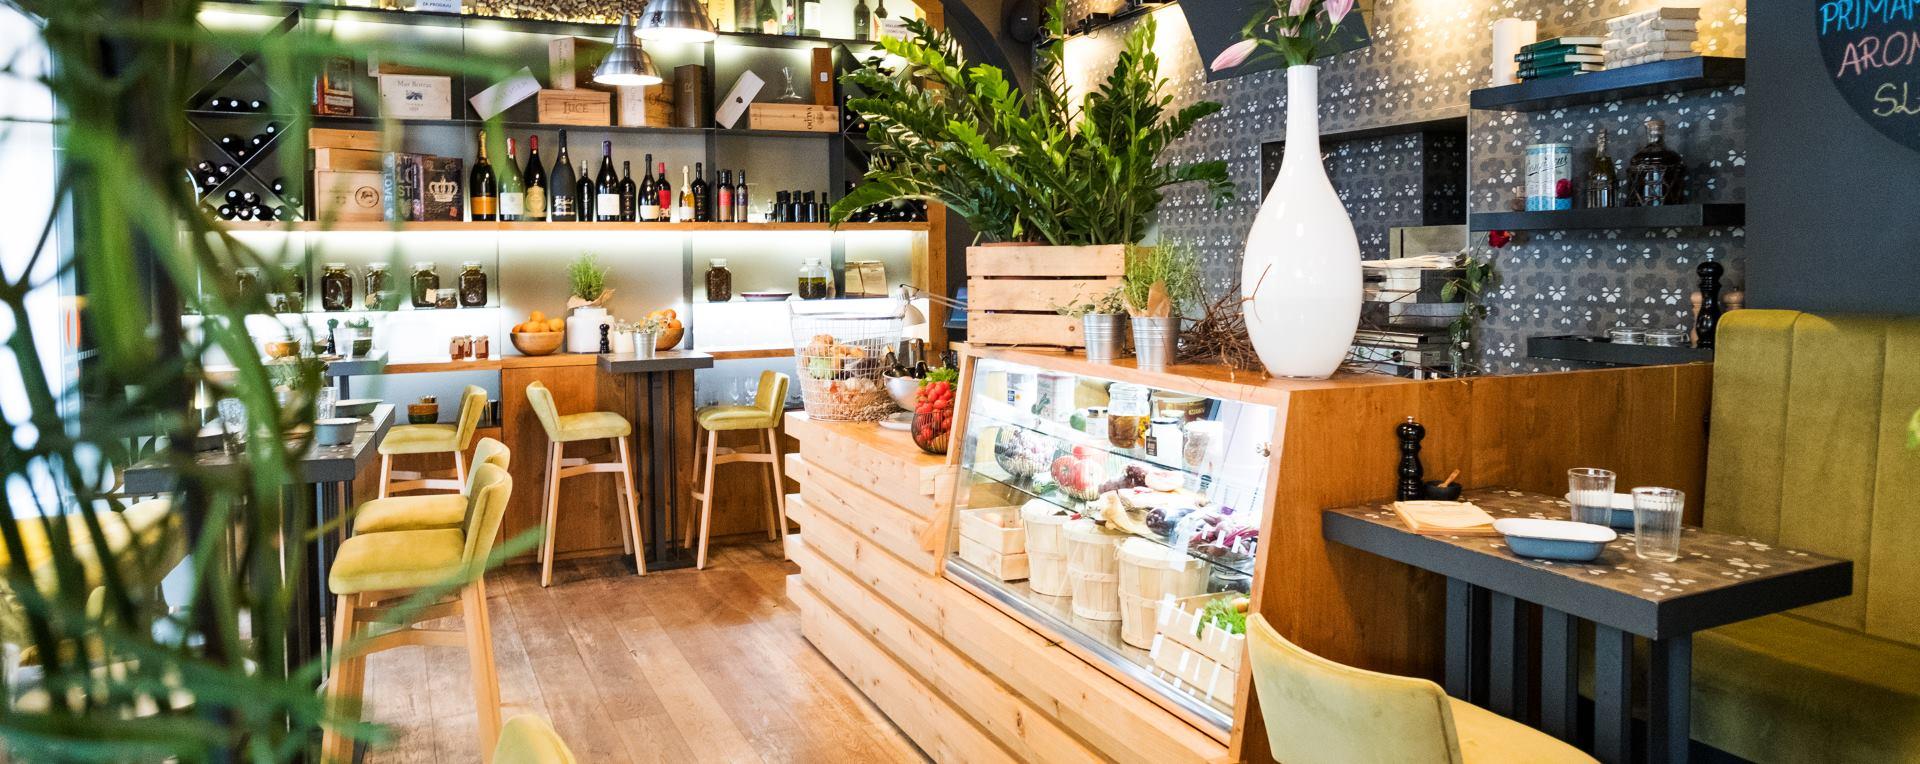 Skandinavski koncept bistroa i cafe bara u samom centru Grada Zagreba